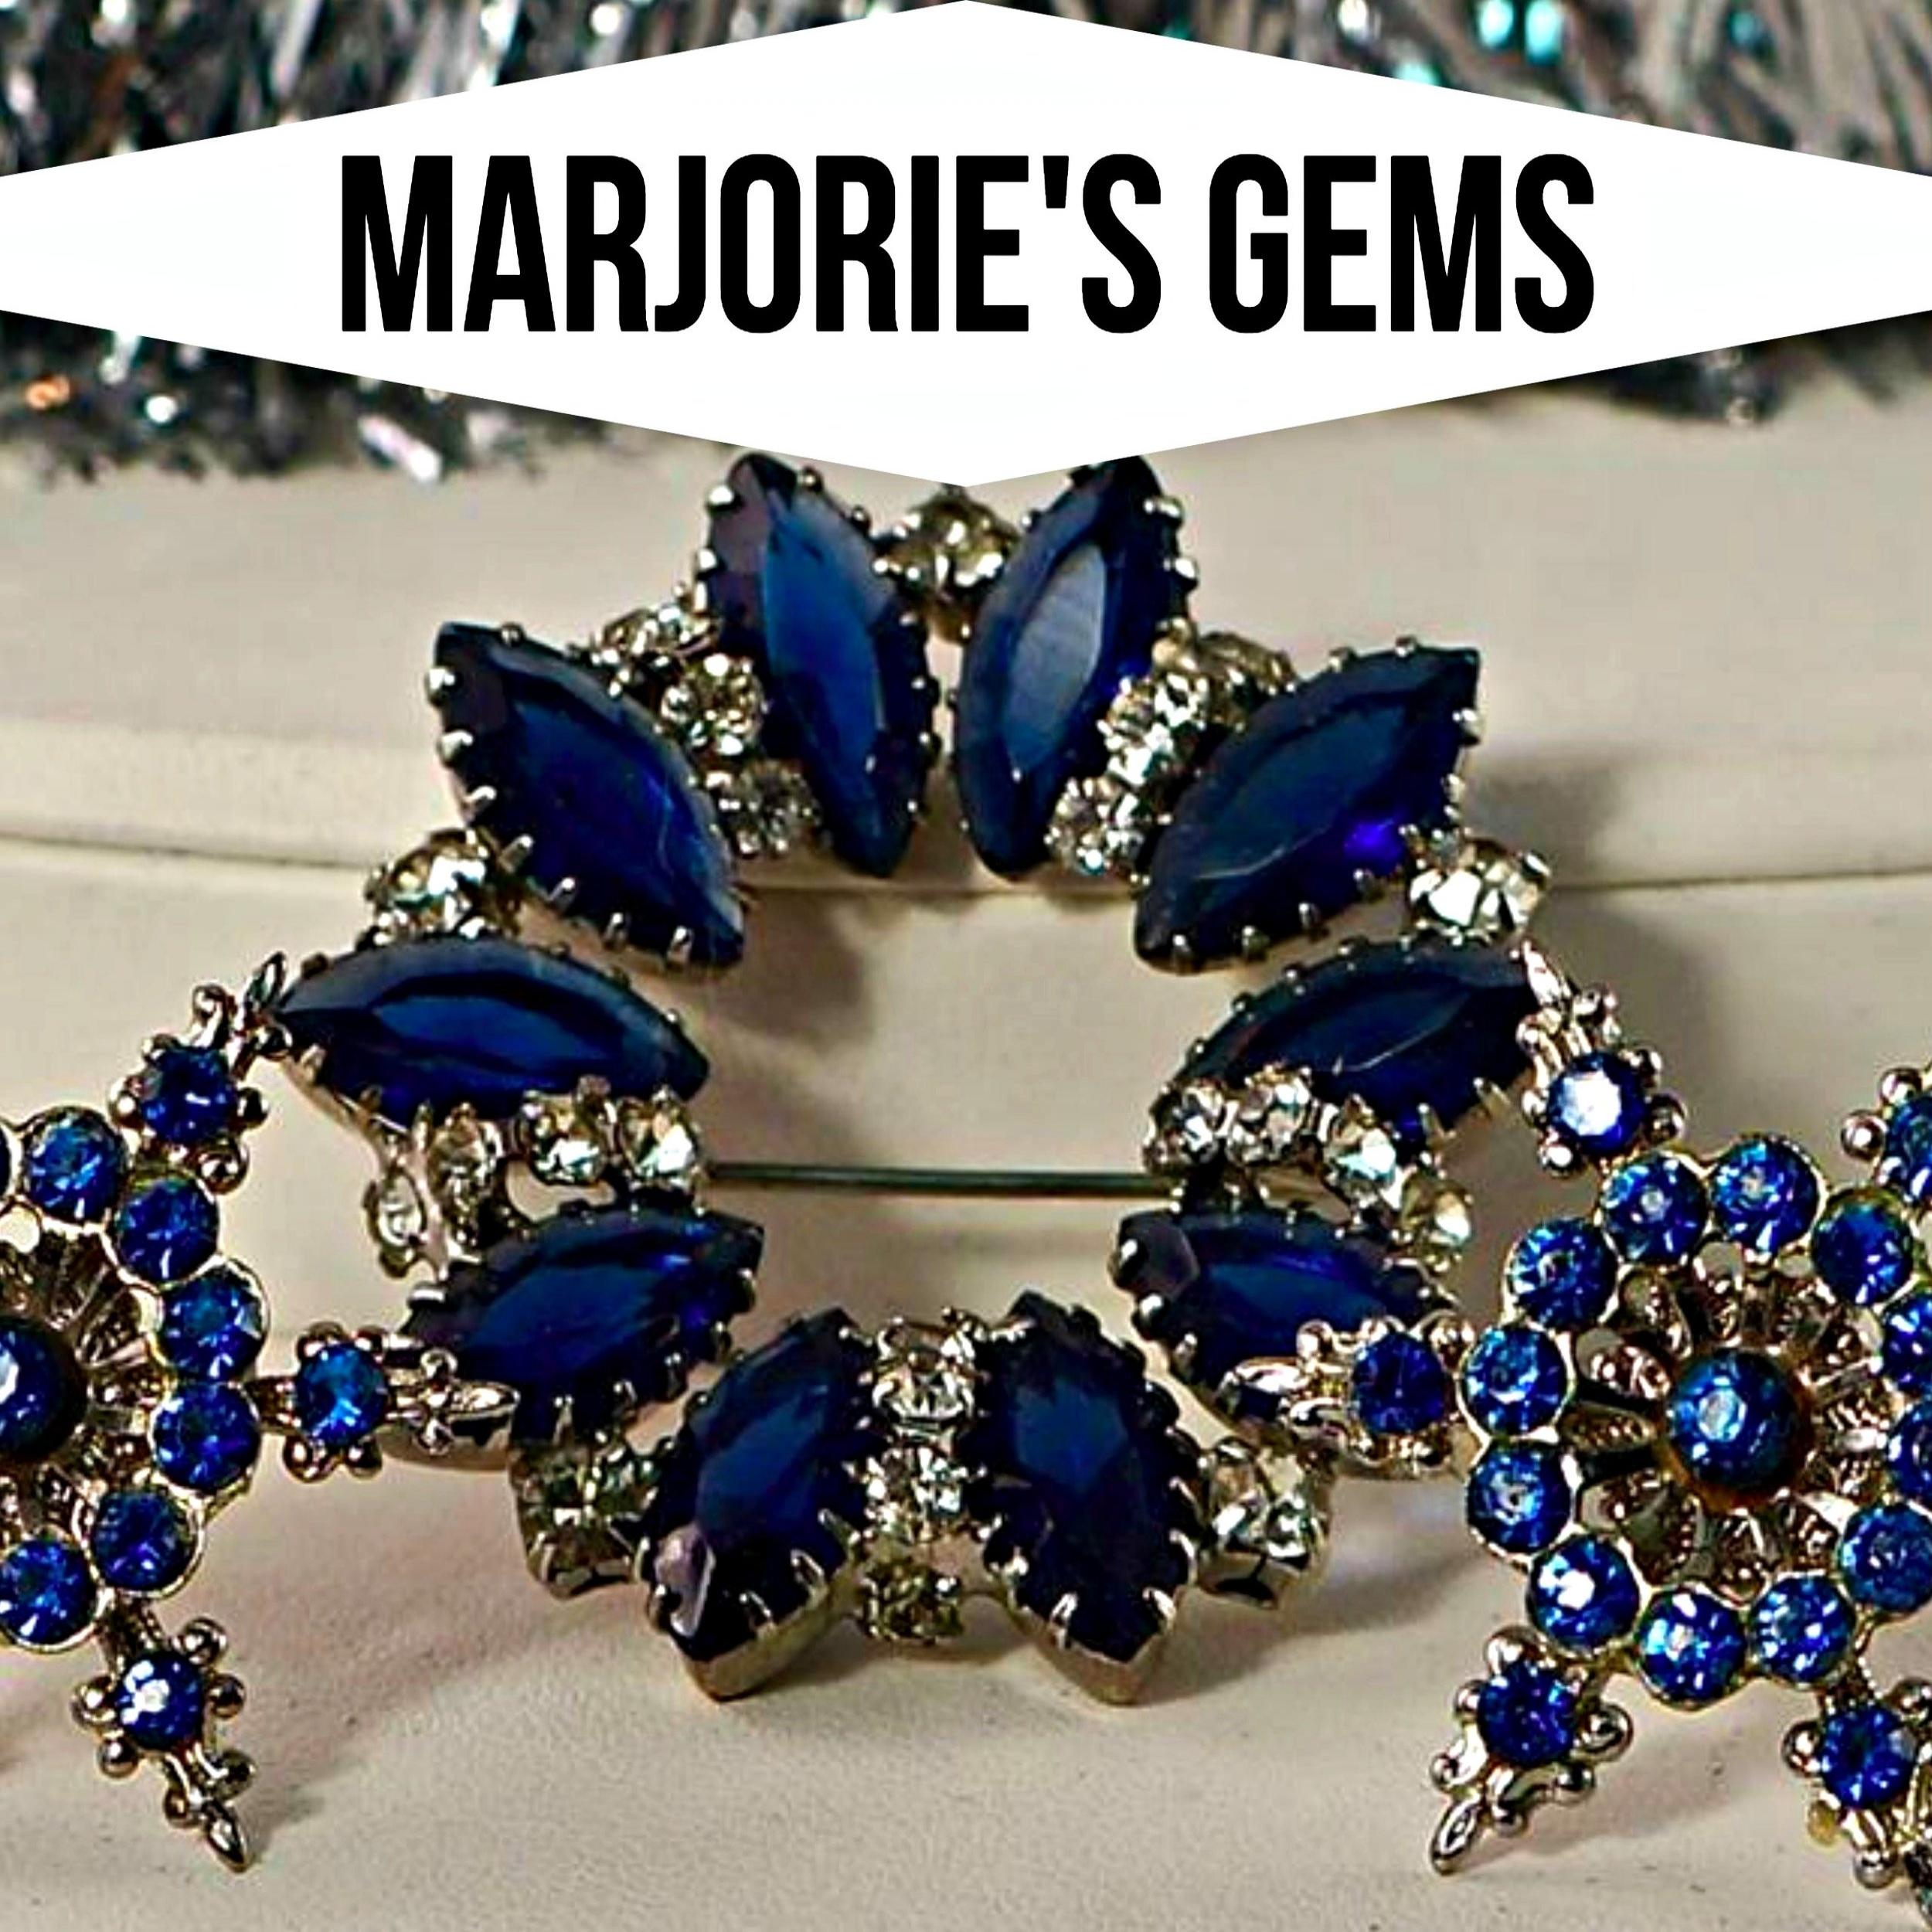 Marjorie's Gems